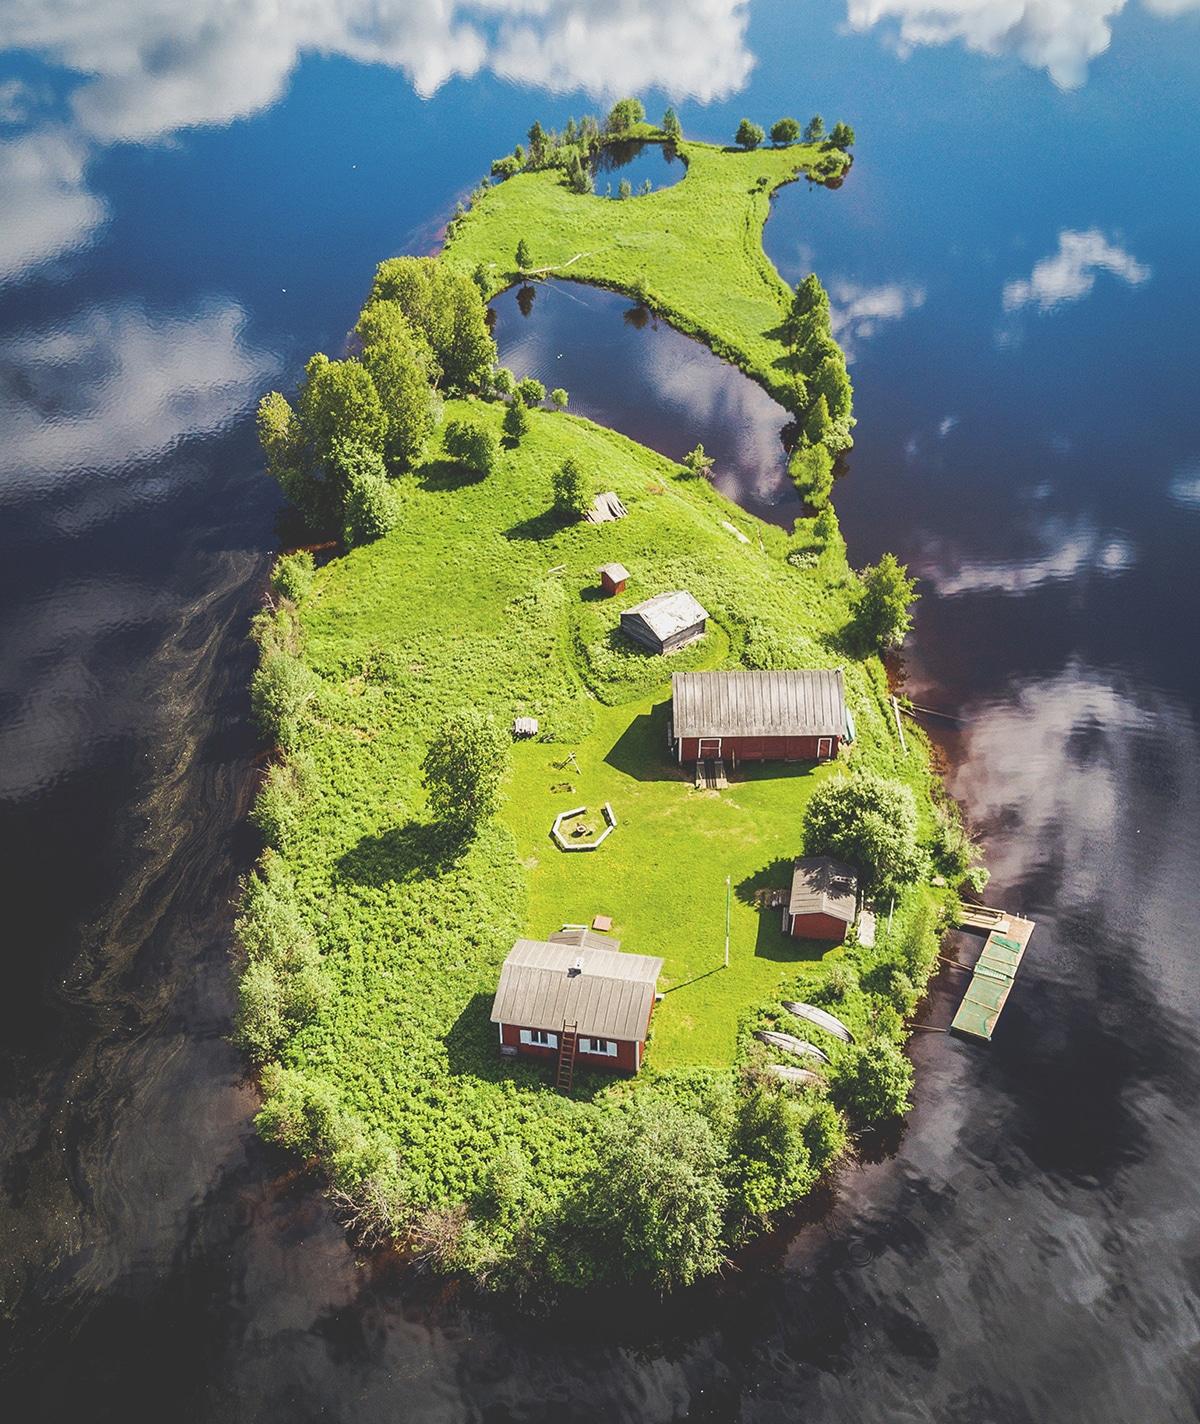 Jani Ylinampa Finnish Lapland Landscape Photography